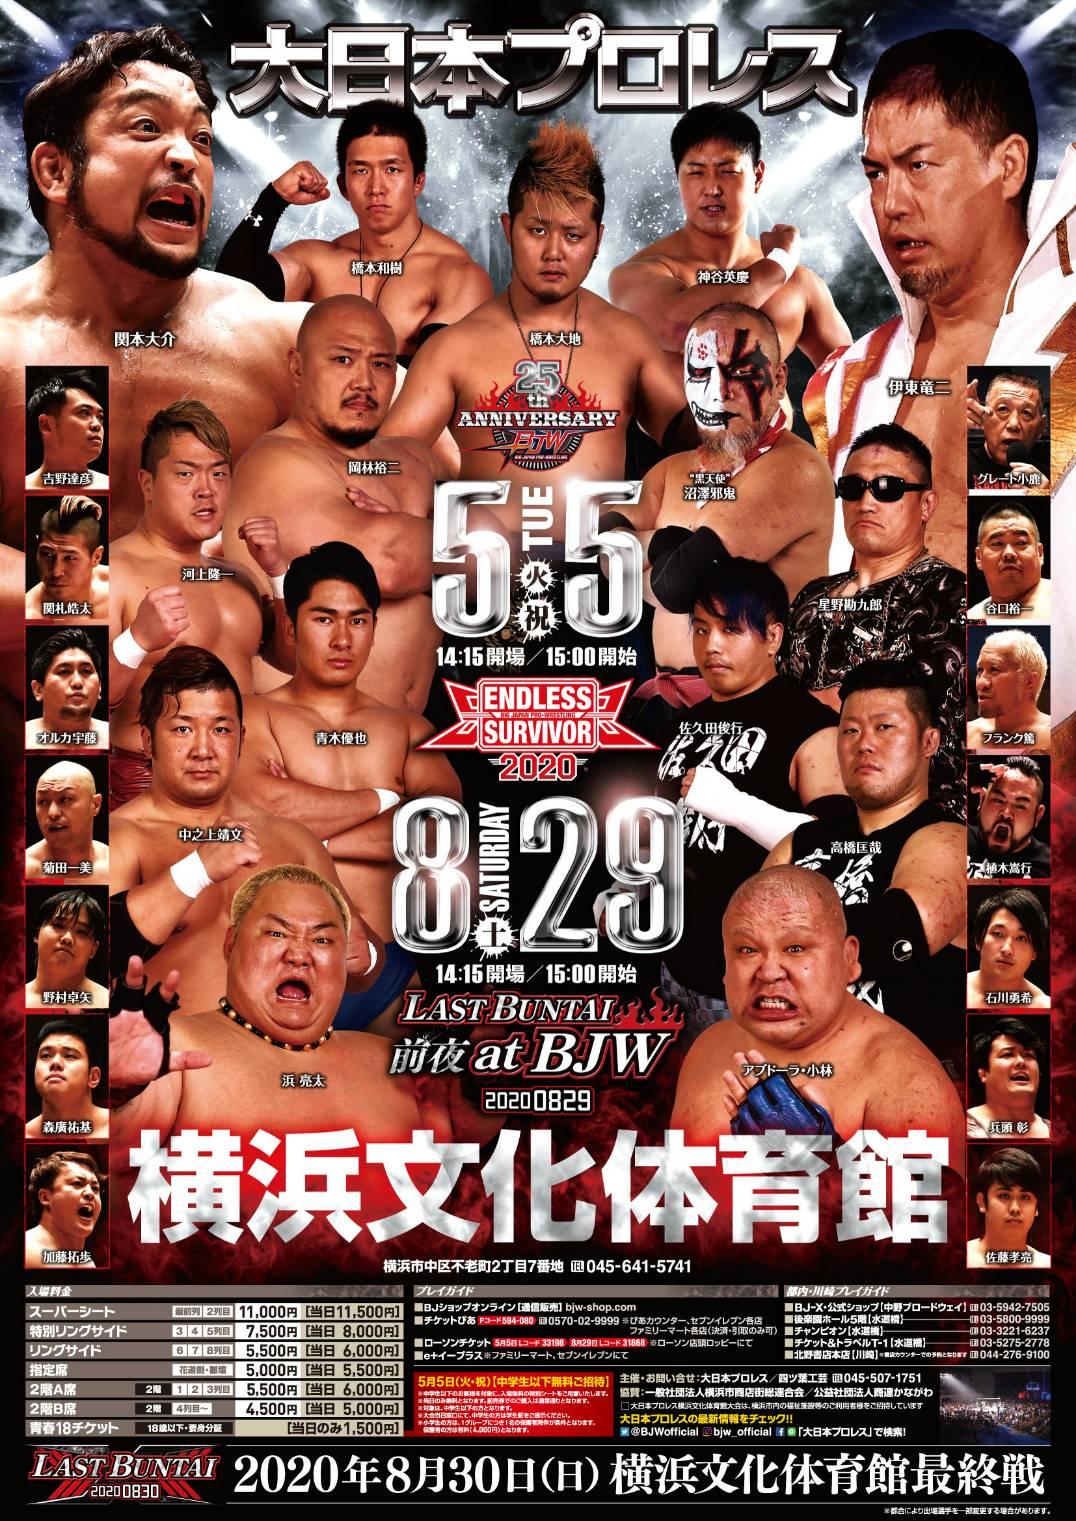 大会は延期となりました「Endless Survivor~2020」神奈川・横浜文化体育館大会